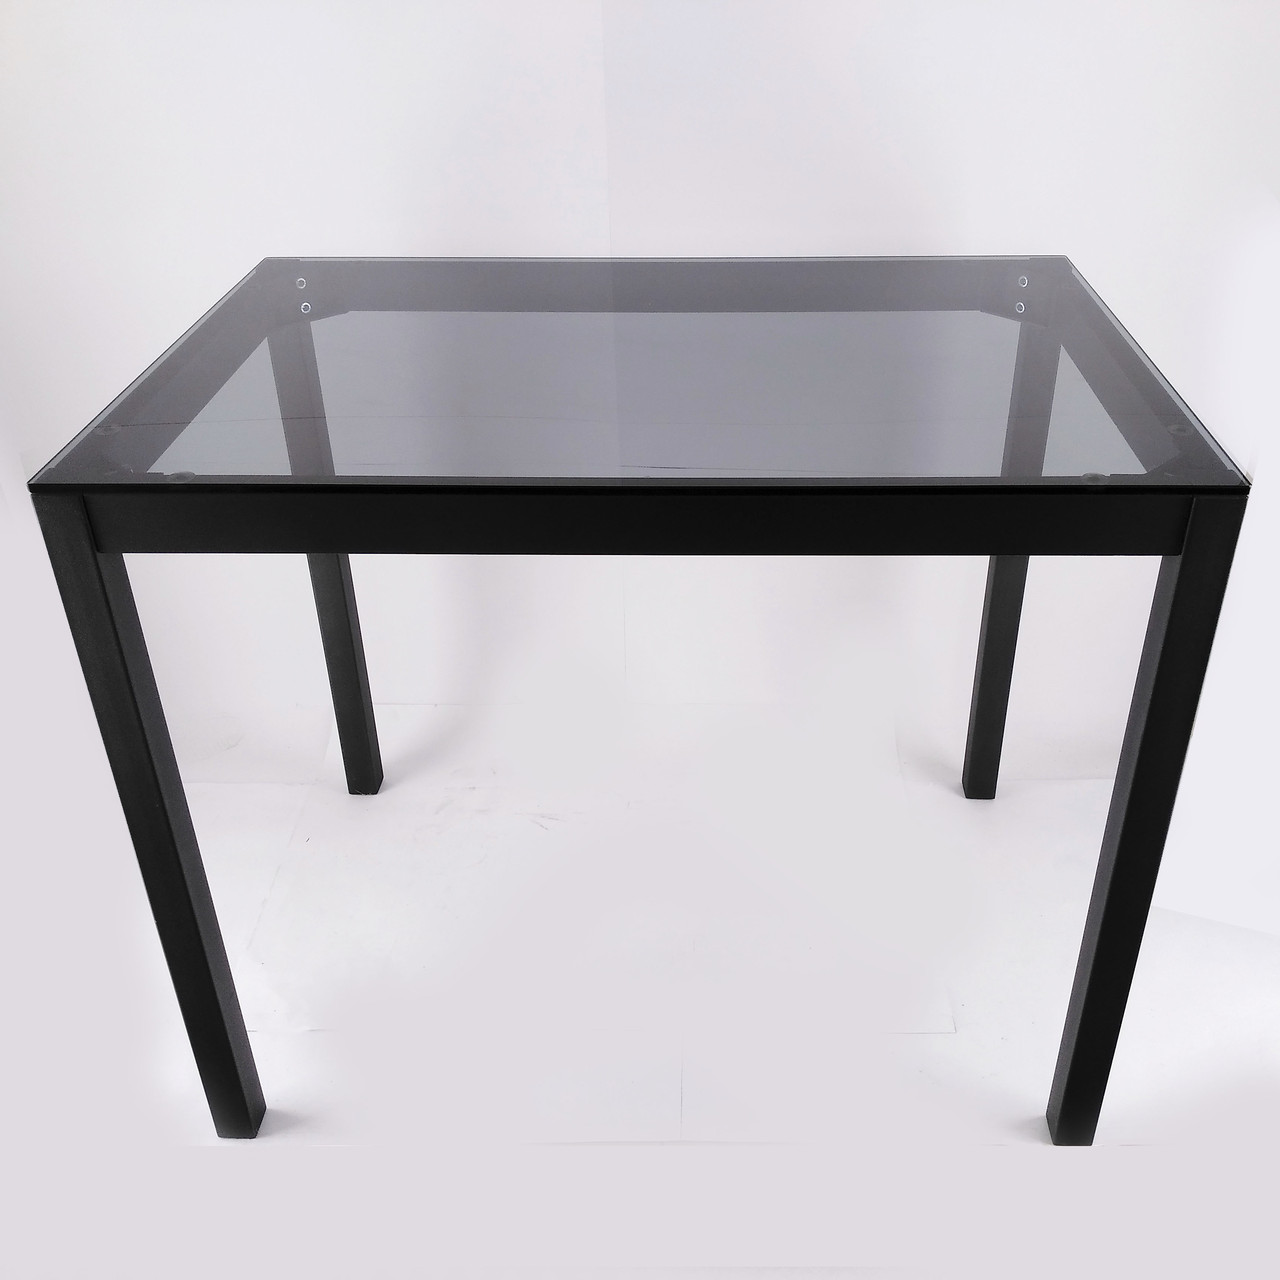 стол обеденный от производителя из стекла и металла стиль лофт столы обеденные от Commus 914898360